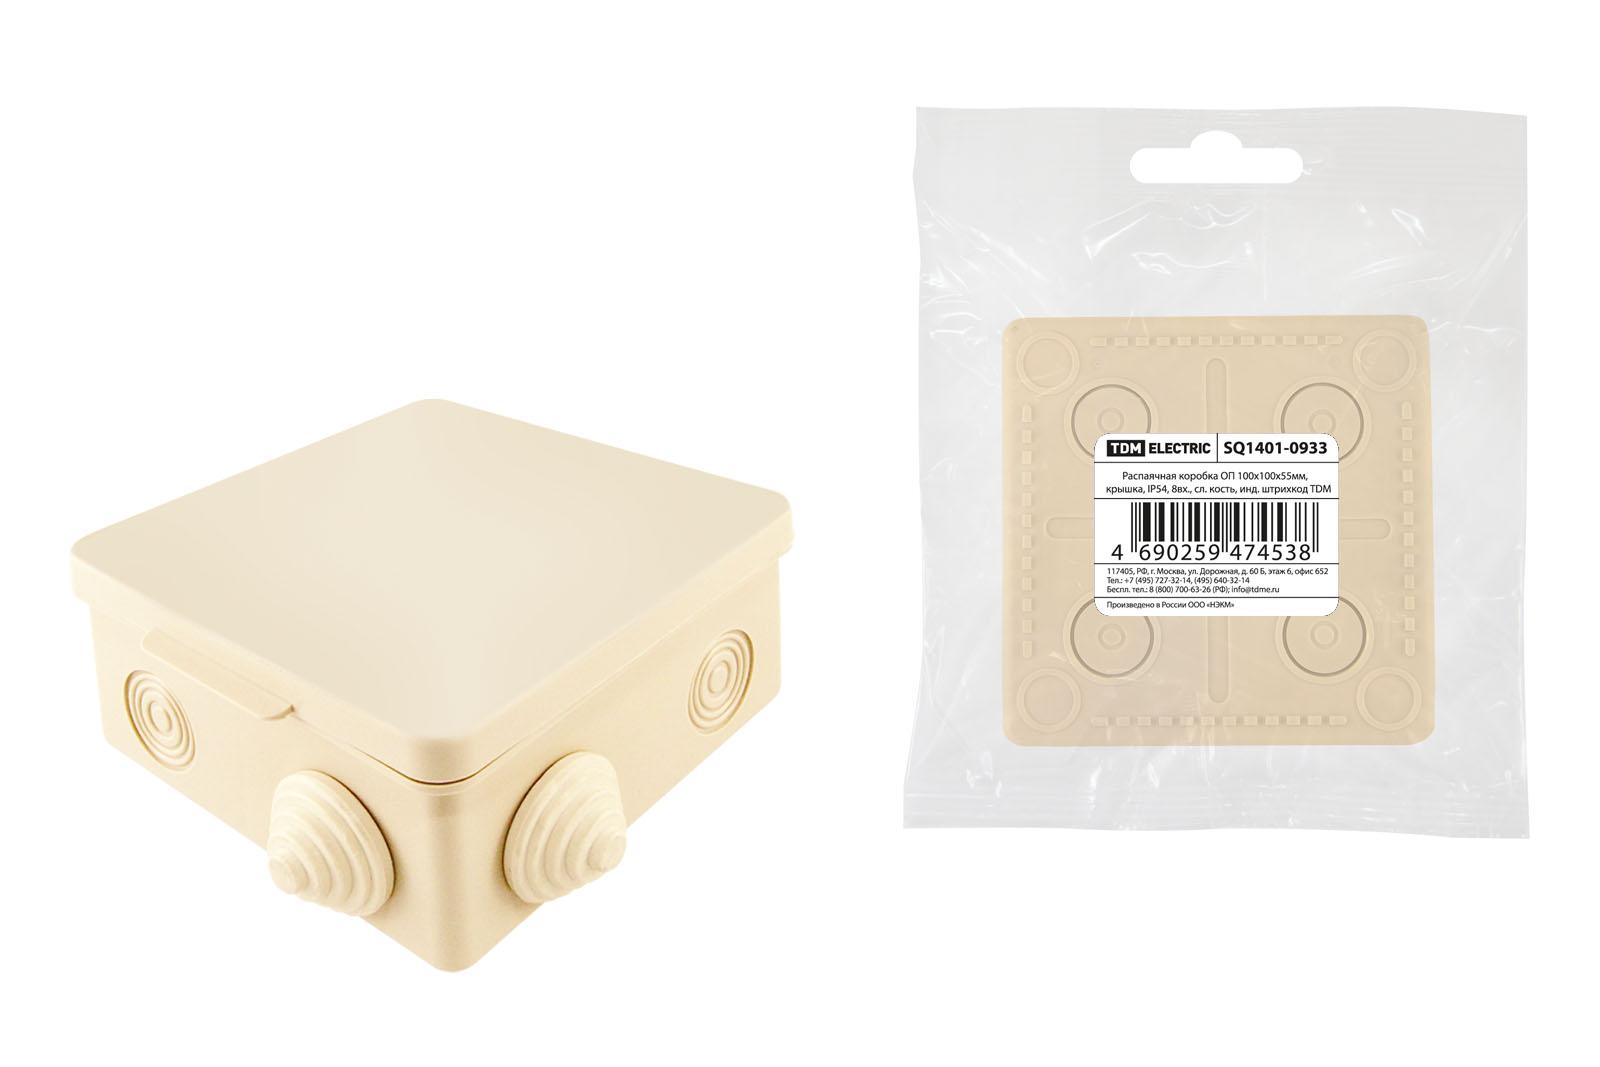 Фото Распаячная коробка ОП 100х100х55мм, крышка, IP54, 8вх., сл. кость, инд. штрихкод TDM {SQ1401-0933}